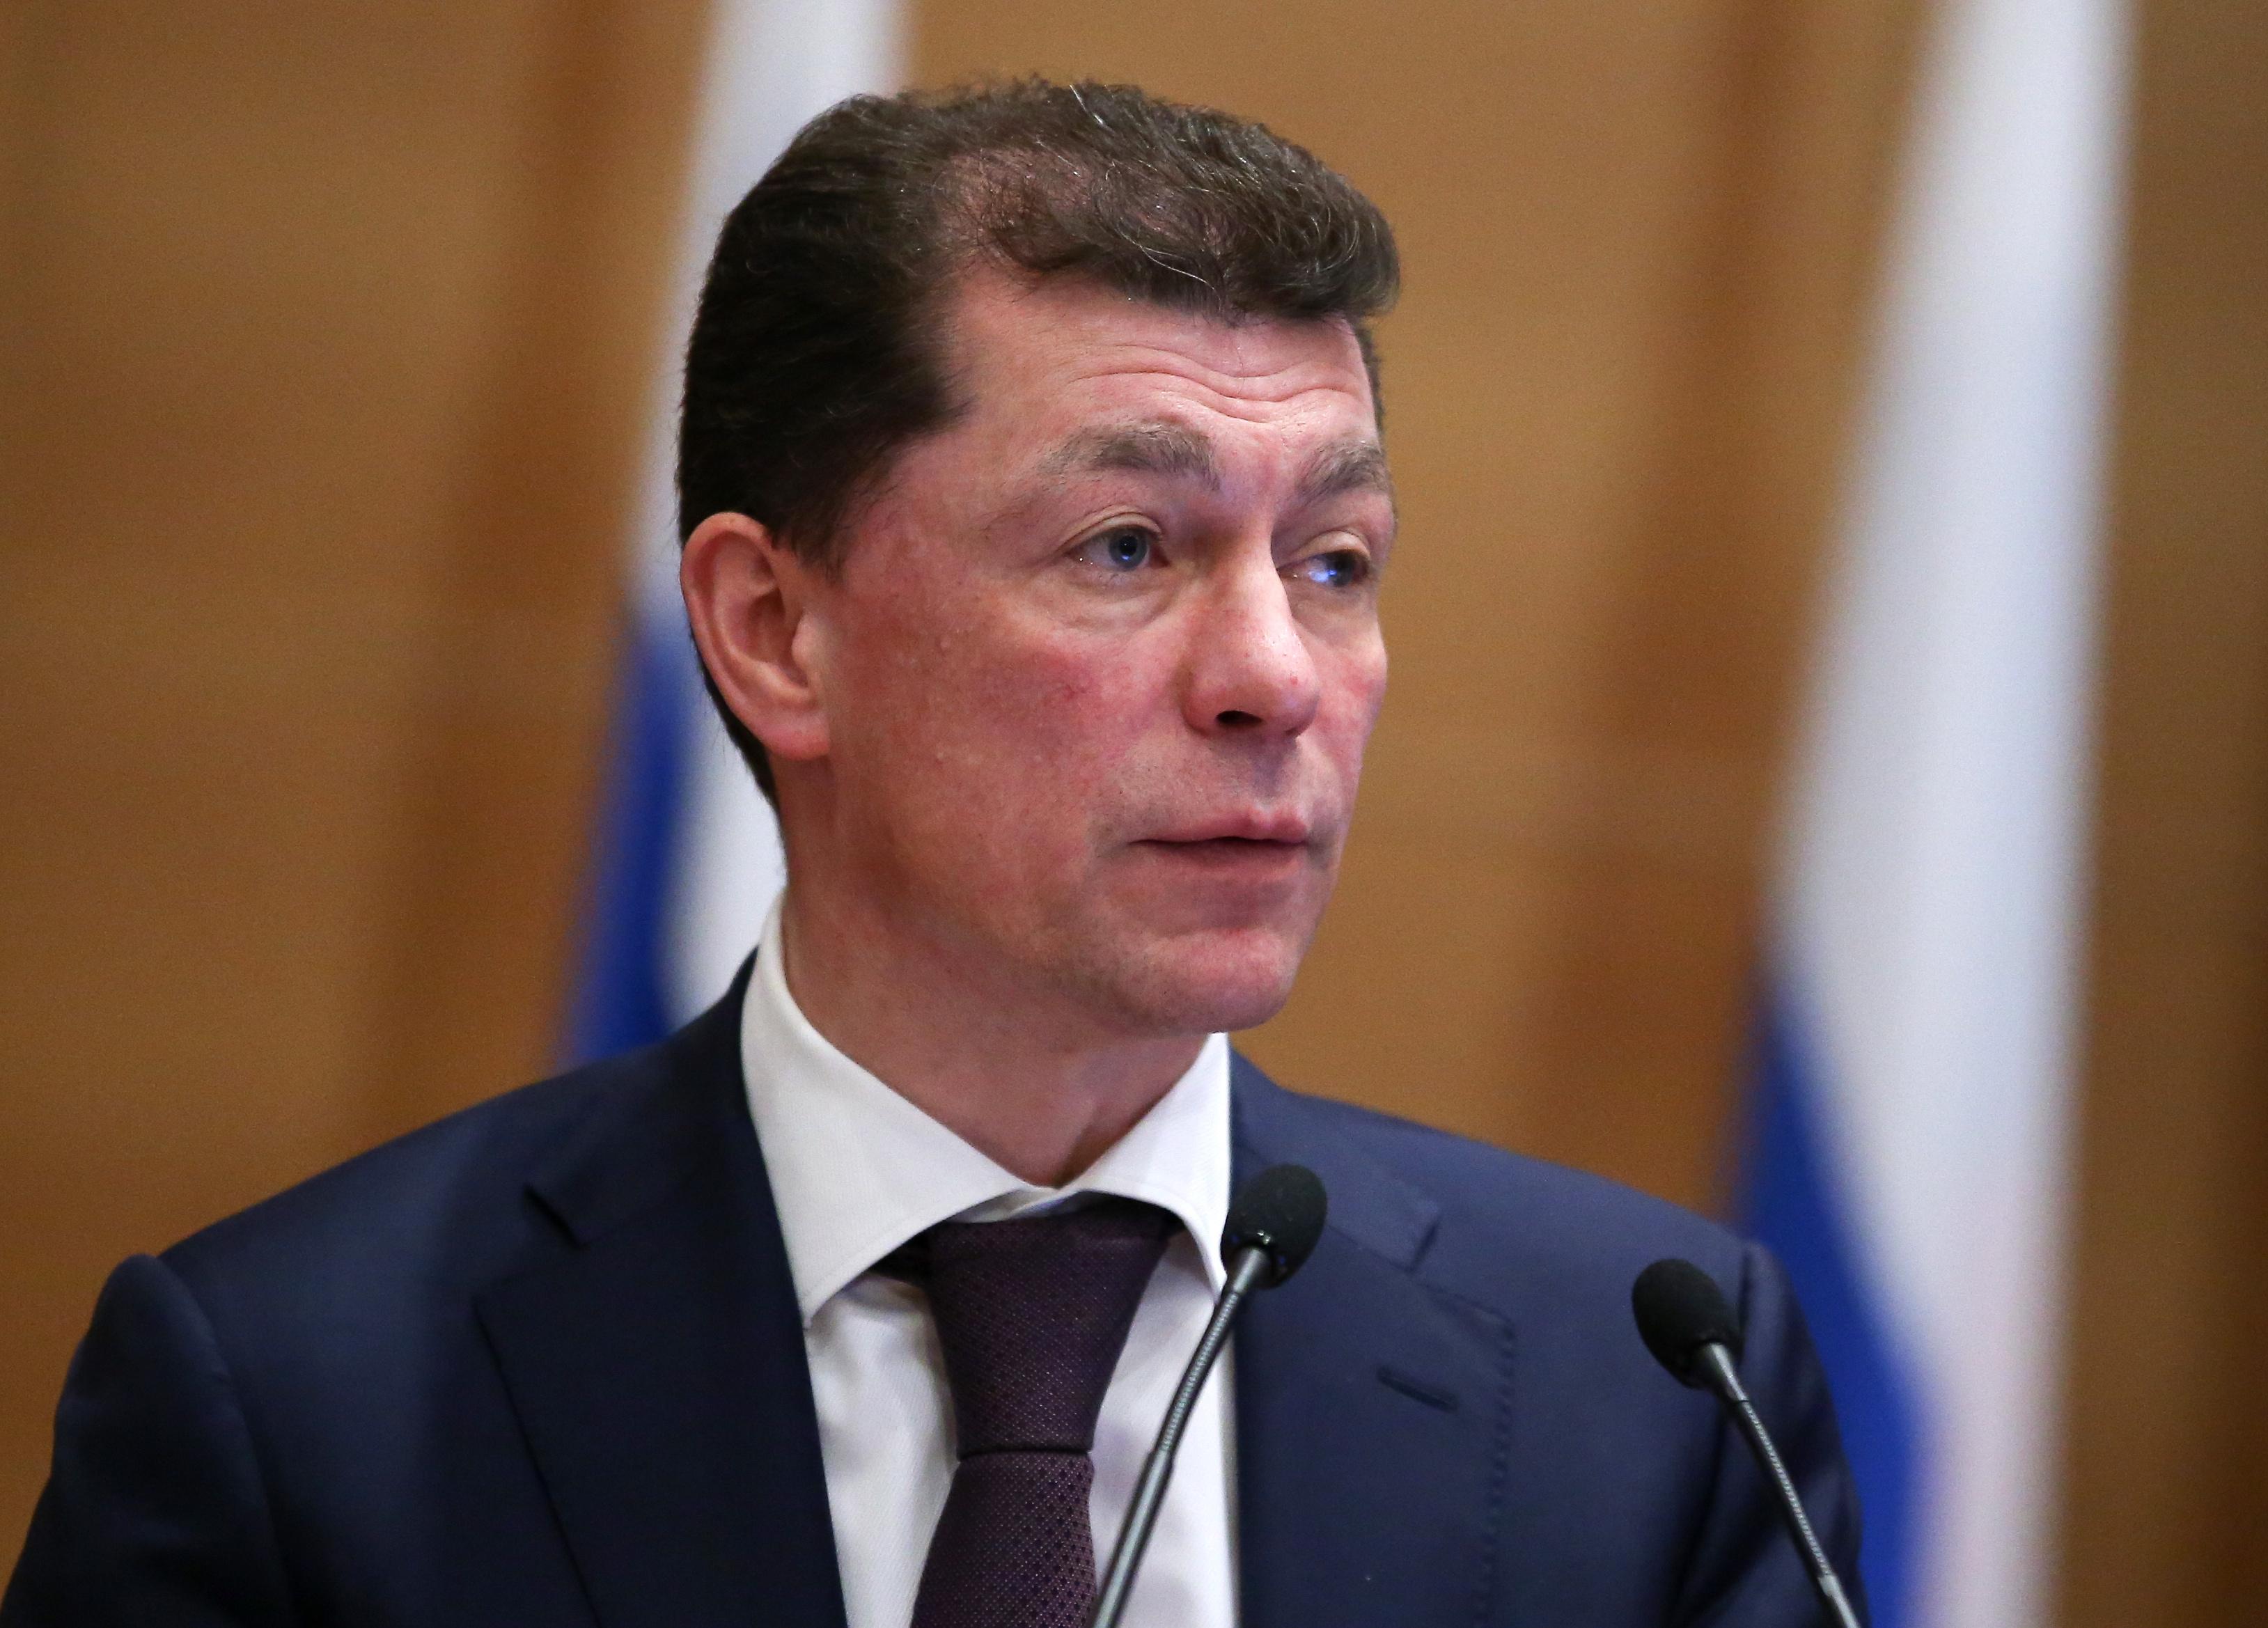 Максим Топилин: Выработанные в ходе съезда предложения помогут внести свой вклад в развитие социальной политики России